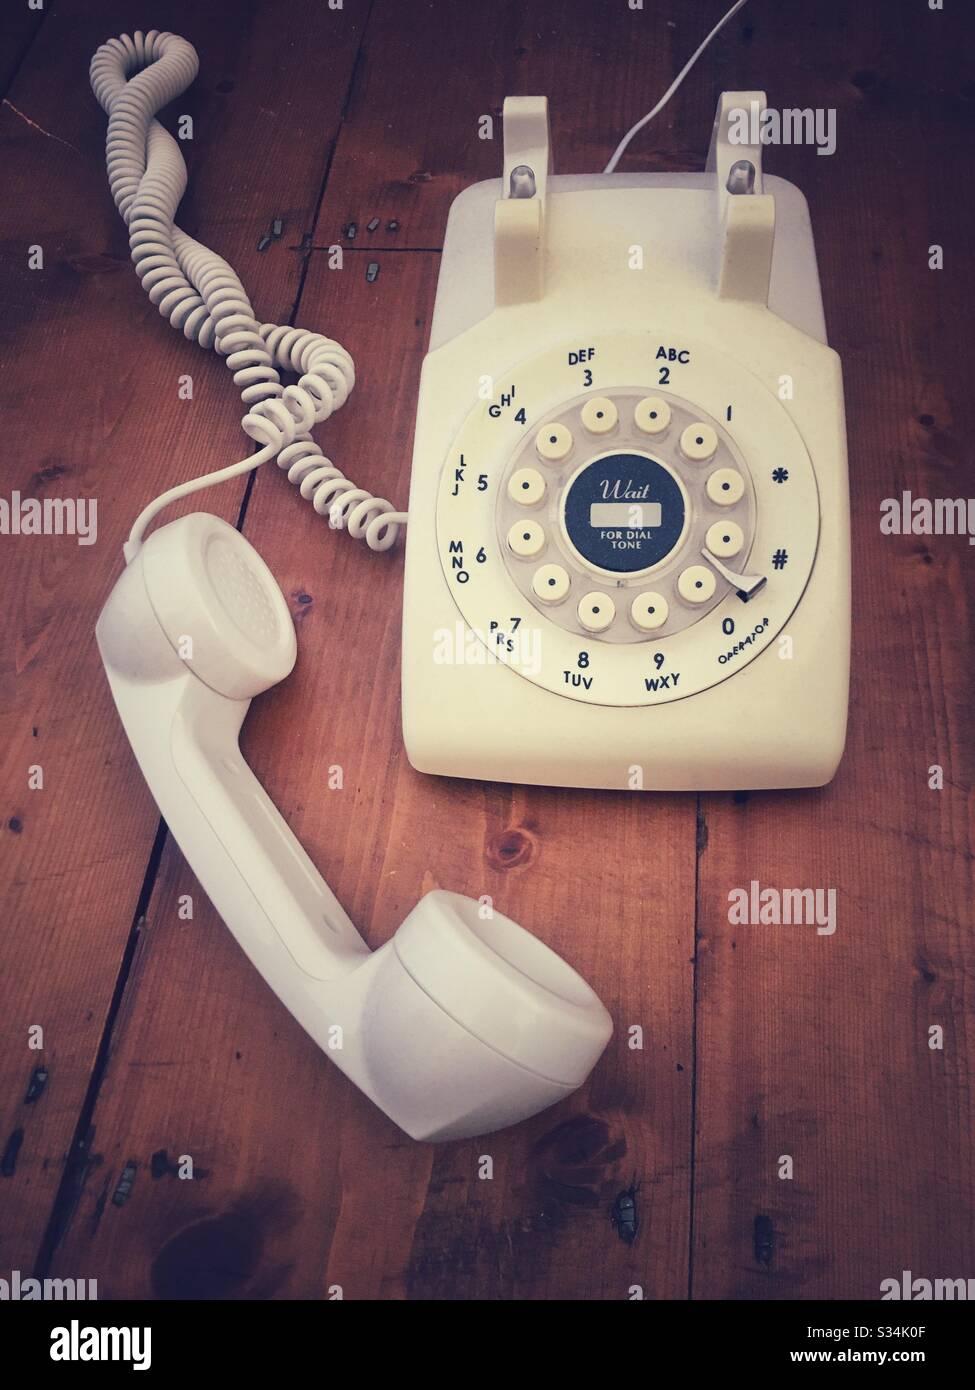 Telefon im alten Stil auf Holzhintergrund Stockfoto